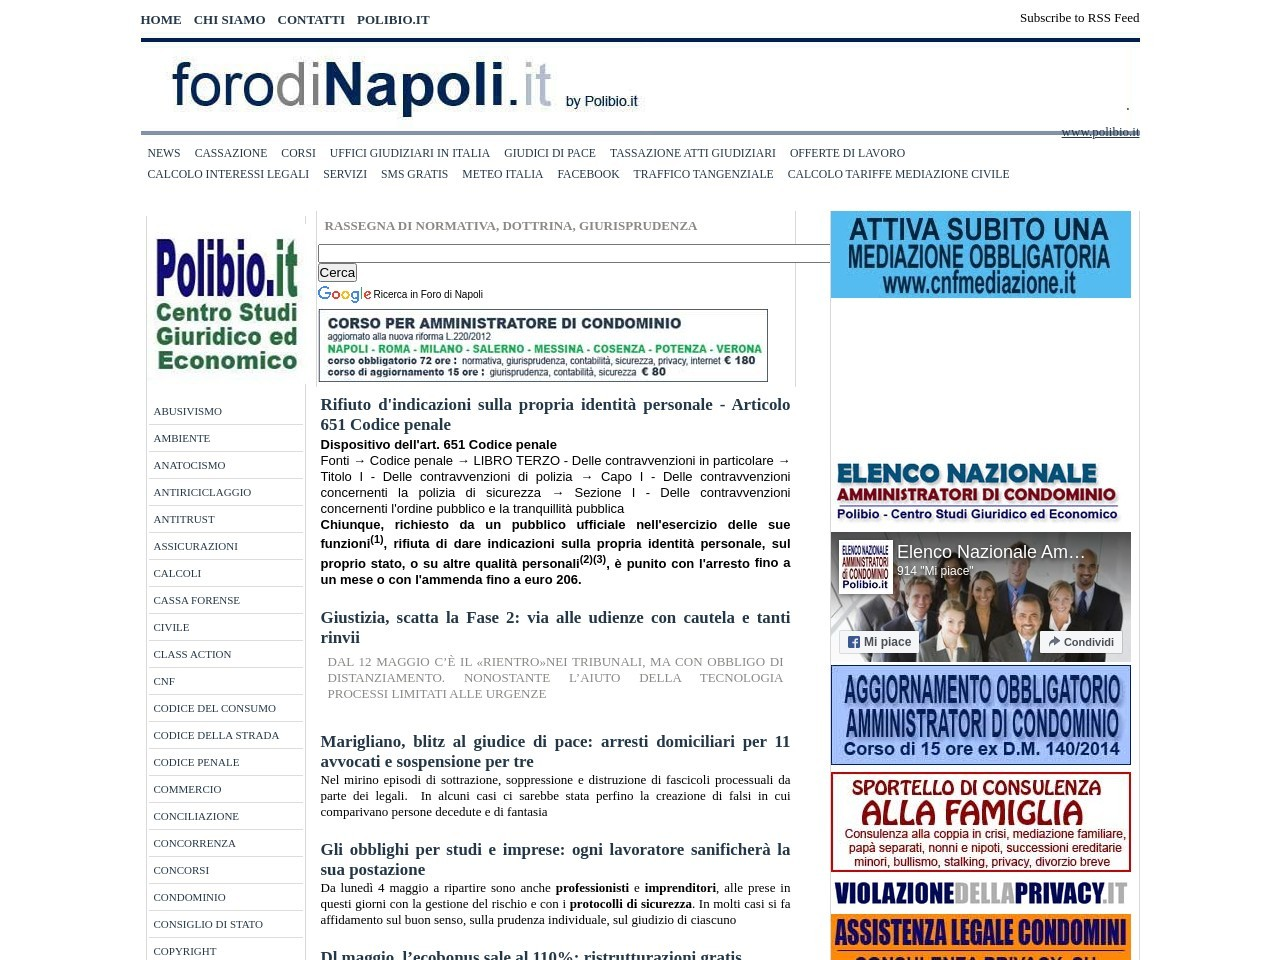 foro-di-napoli